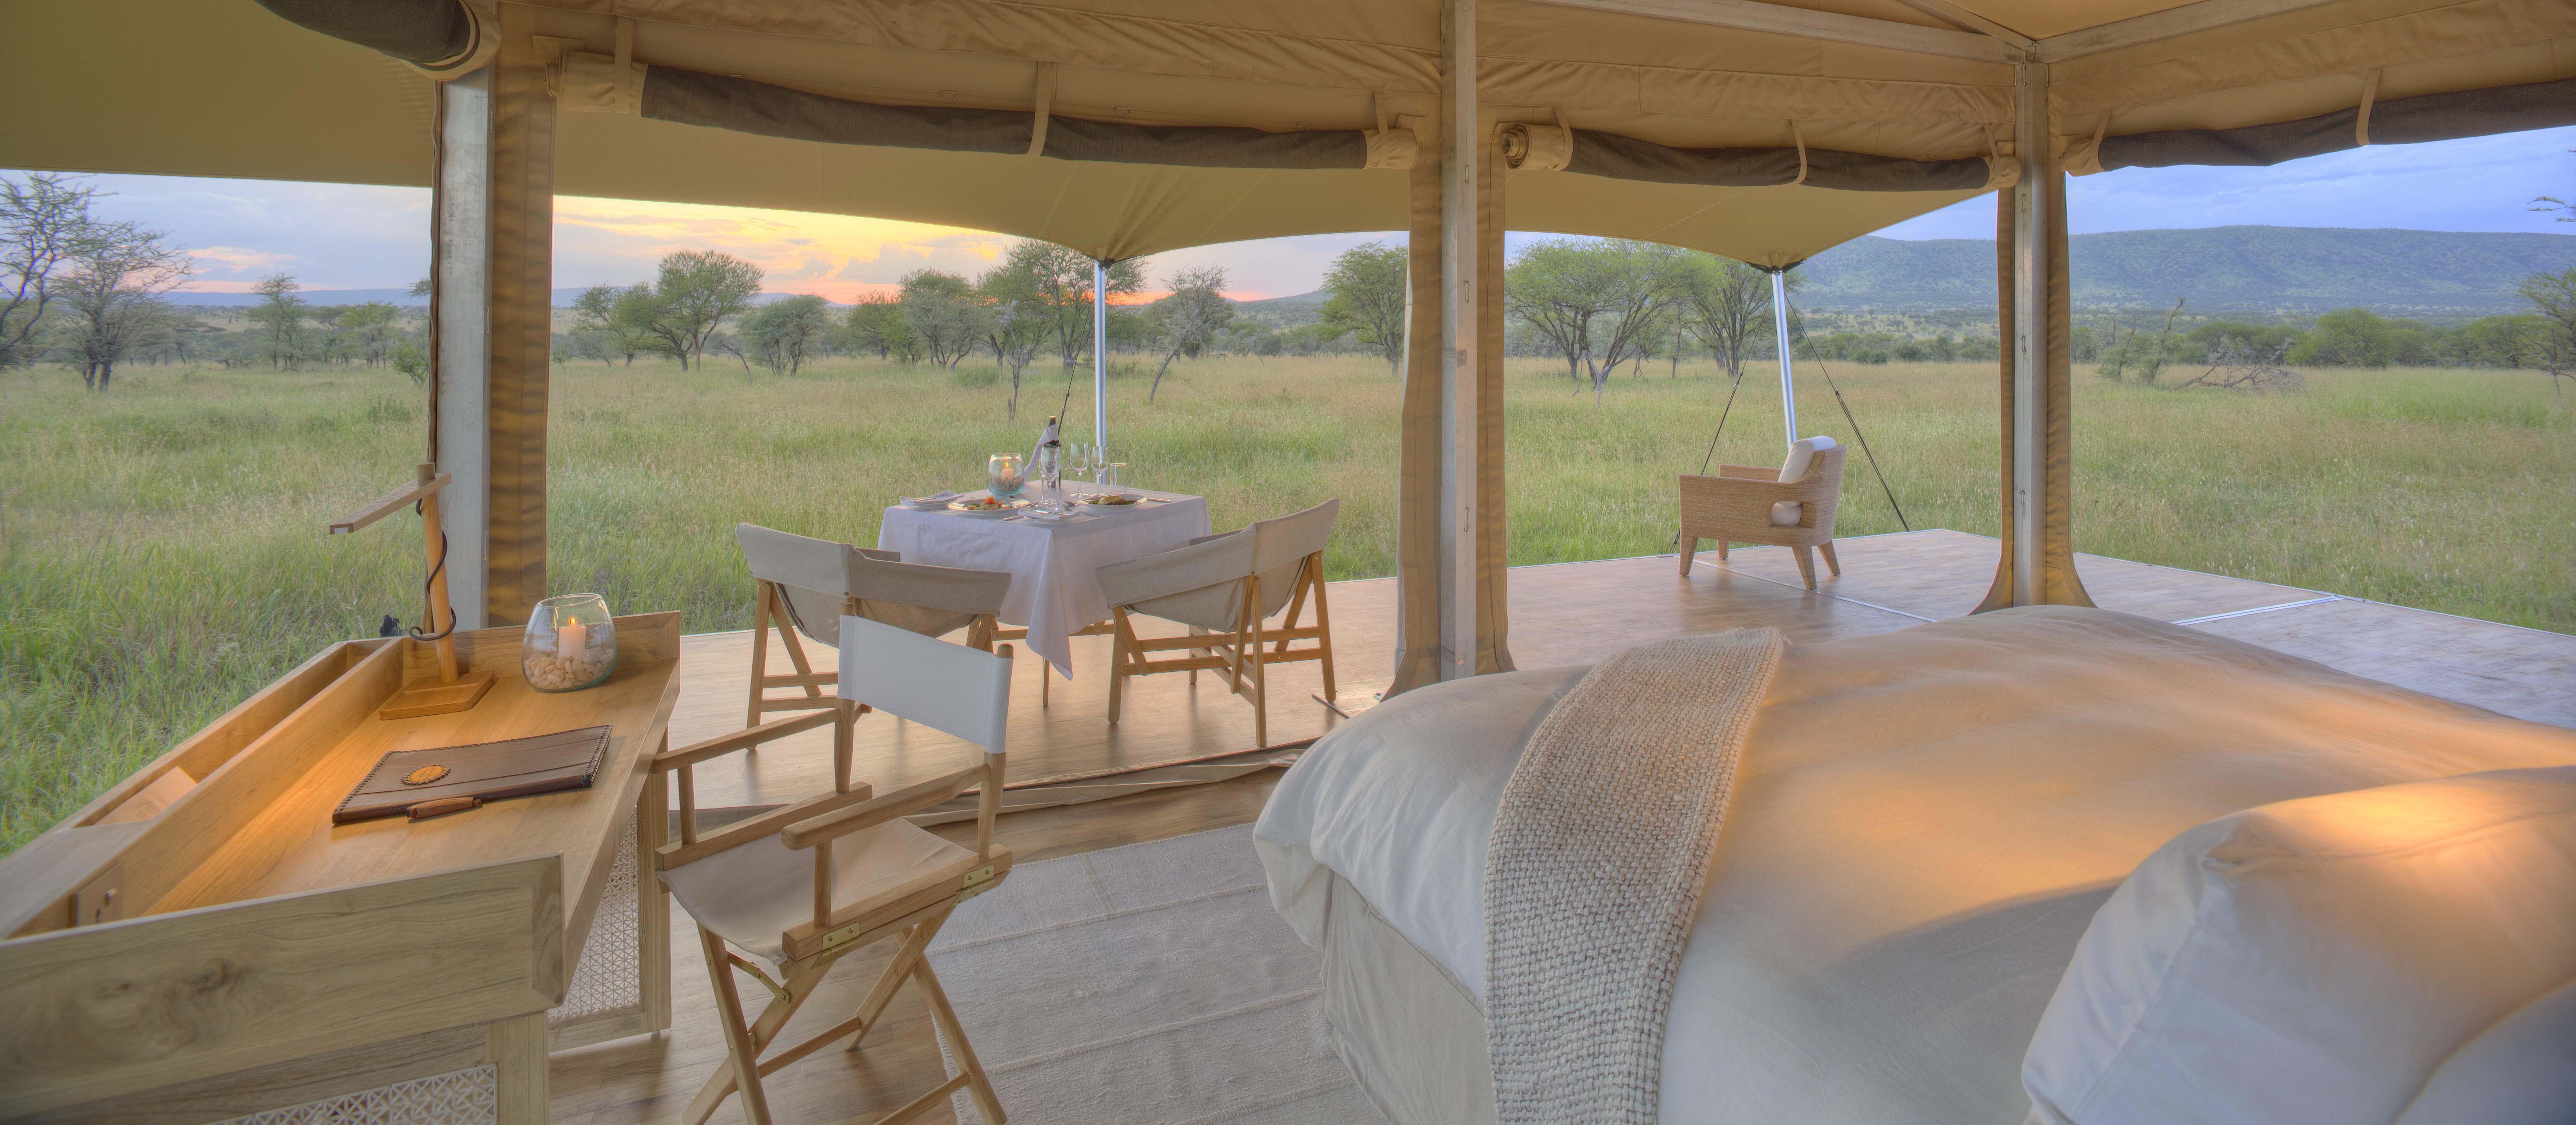 Roving Bushtop safari africa